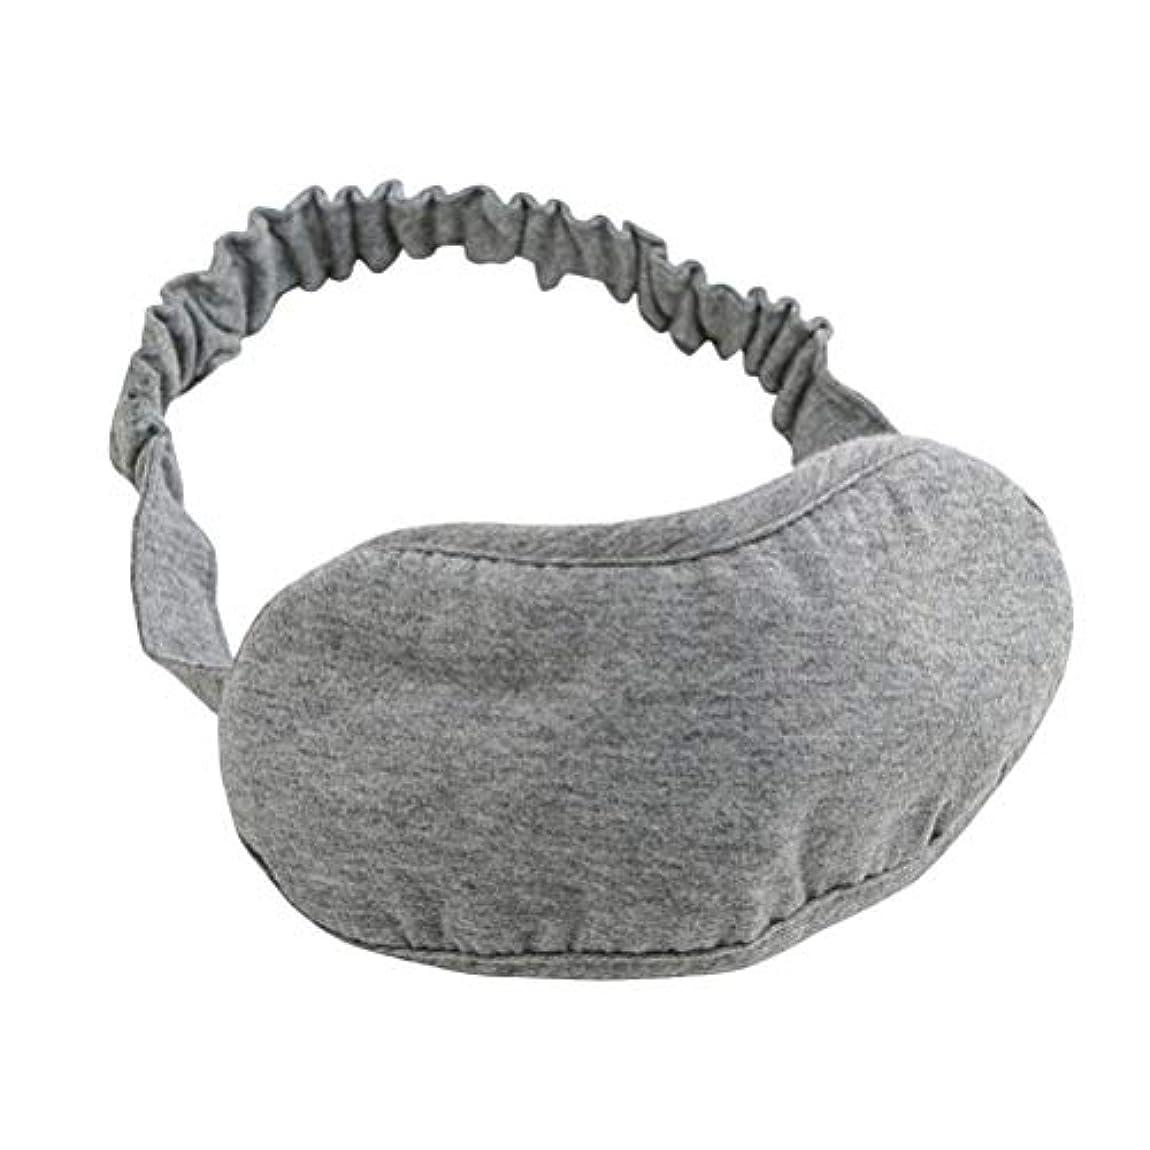 コーヒーピースオンHEALIFTY 睡眠目隠しコットンアイマスクアイシェードナップカバー厚い目隠しスリーピングレストトラベルオフィス用アイパッチ(グレー)